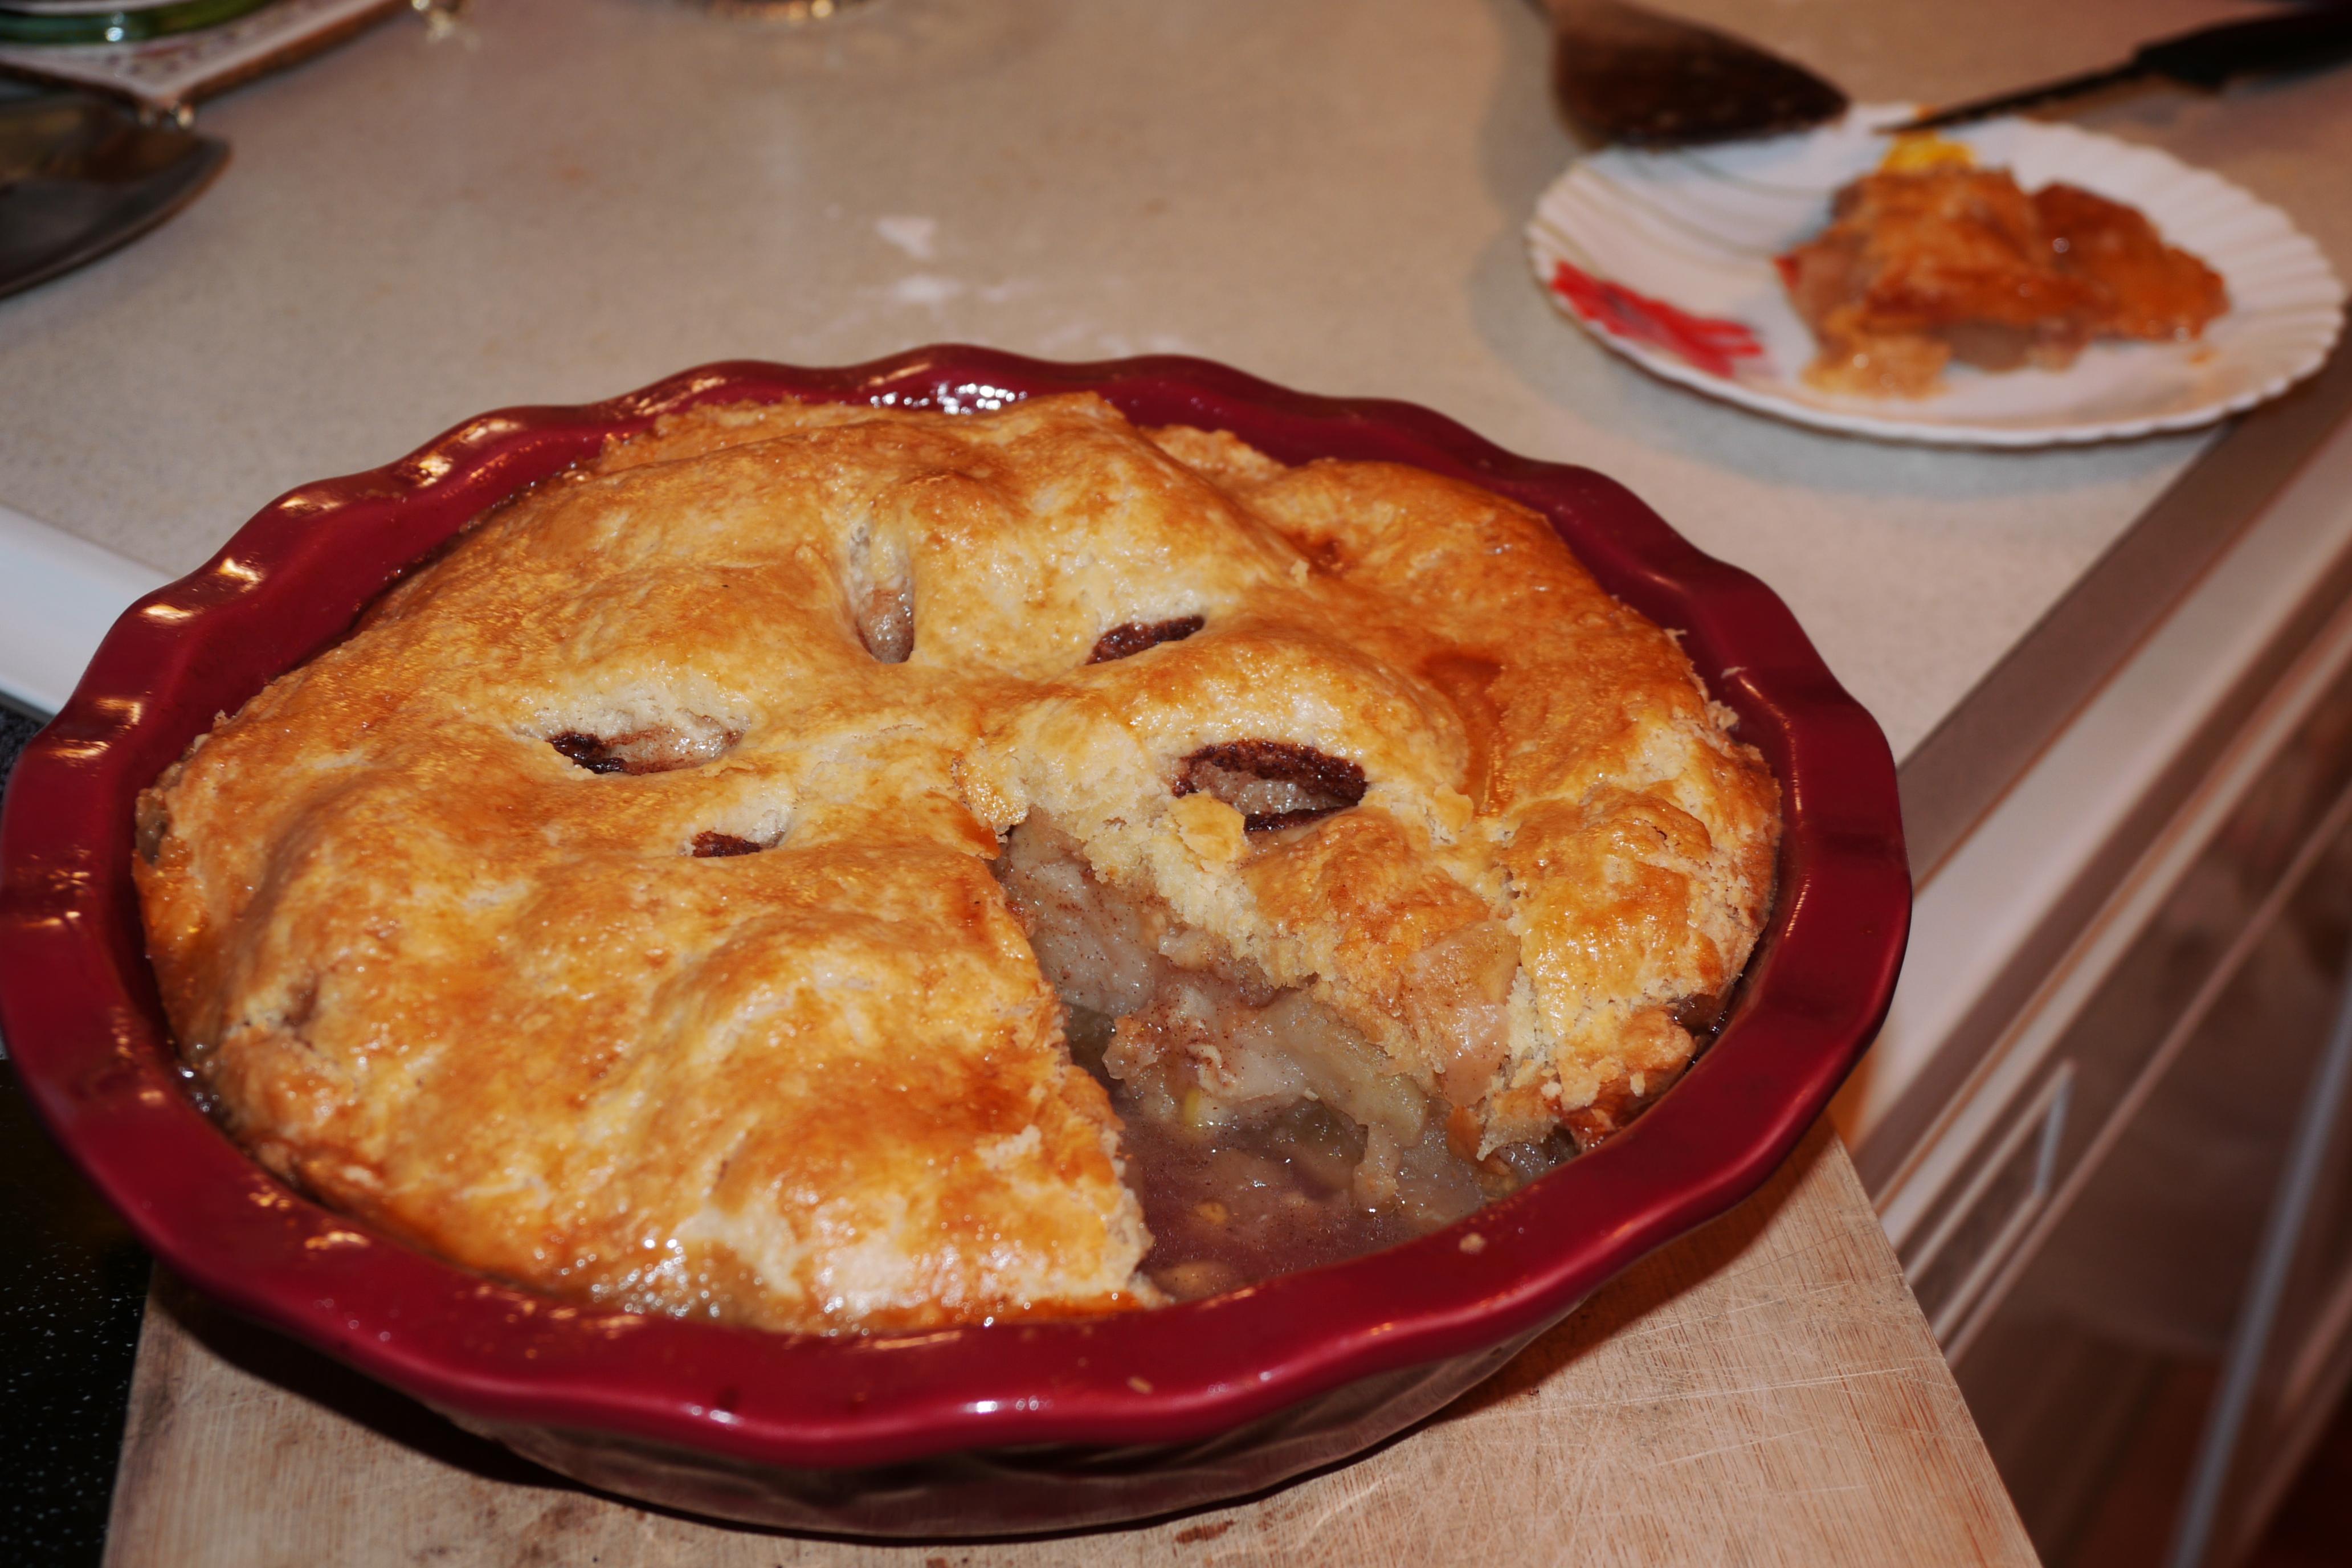 Chef John's Easy Apple Pie Liviu